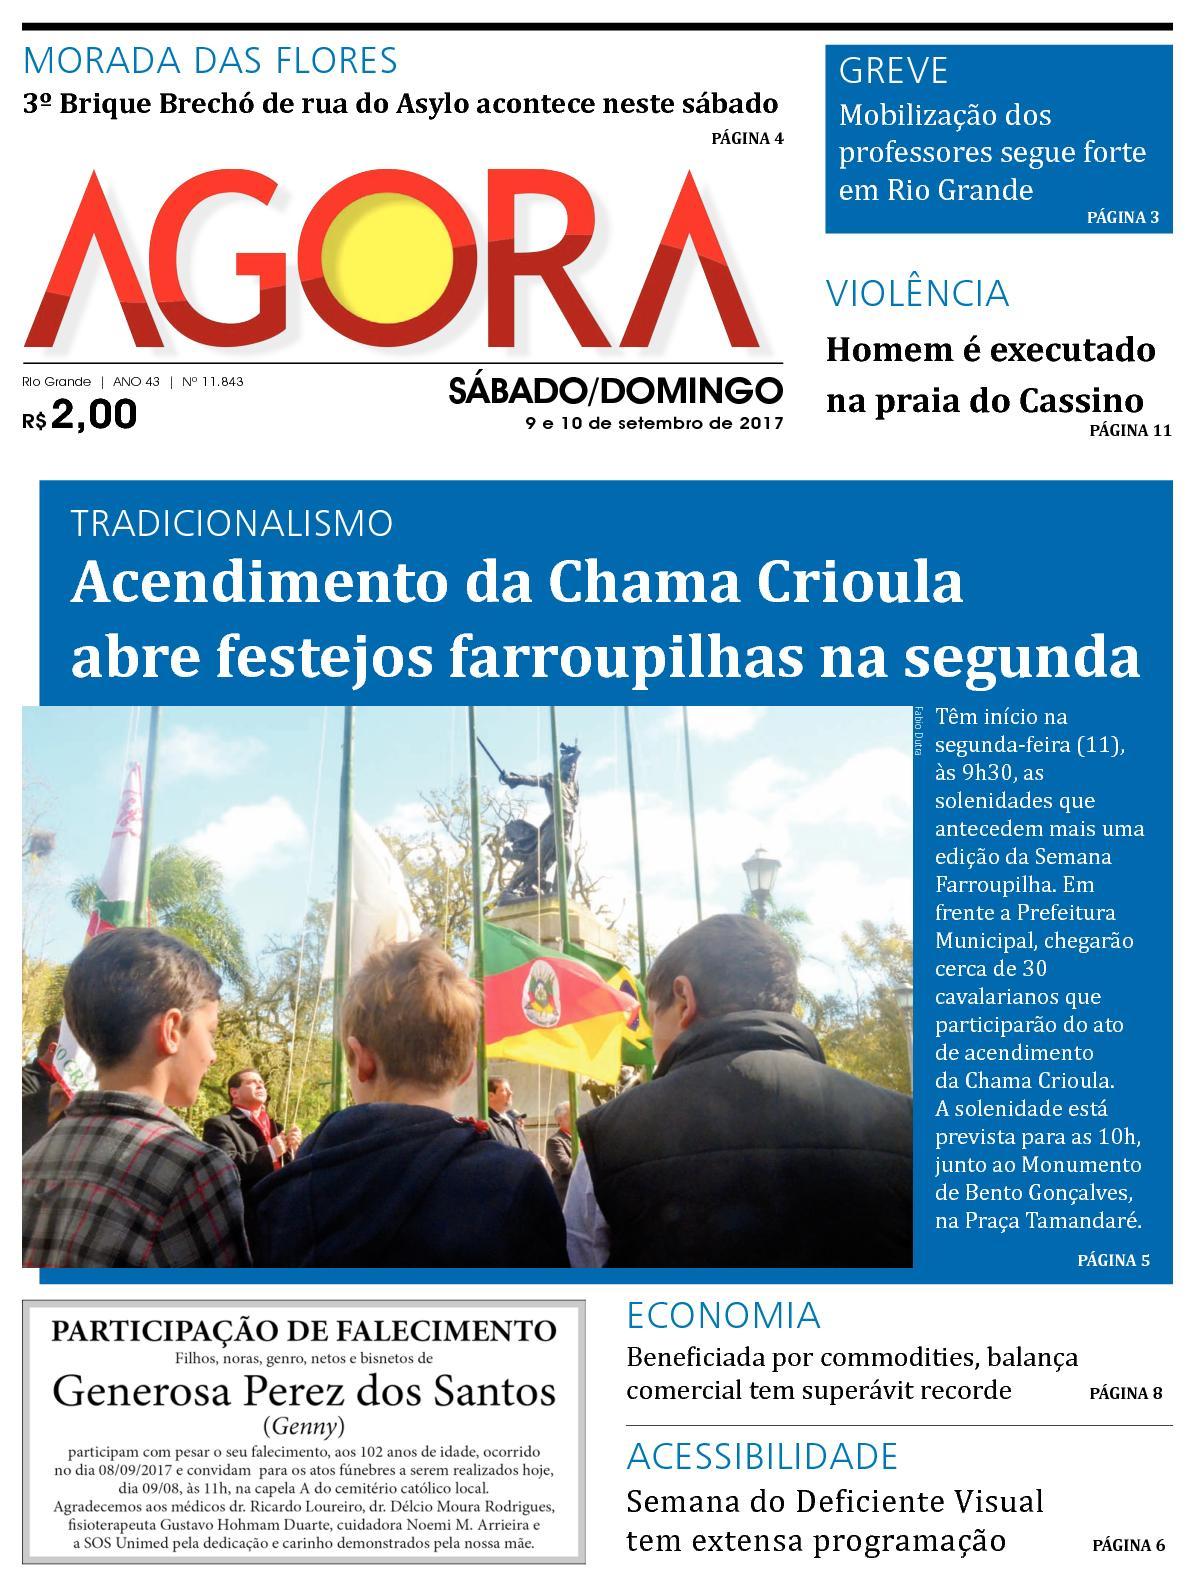 4070534a928 Calaméo - Jornal Agora - Edição 11843 - 9 e 10 de Setembro de 2017